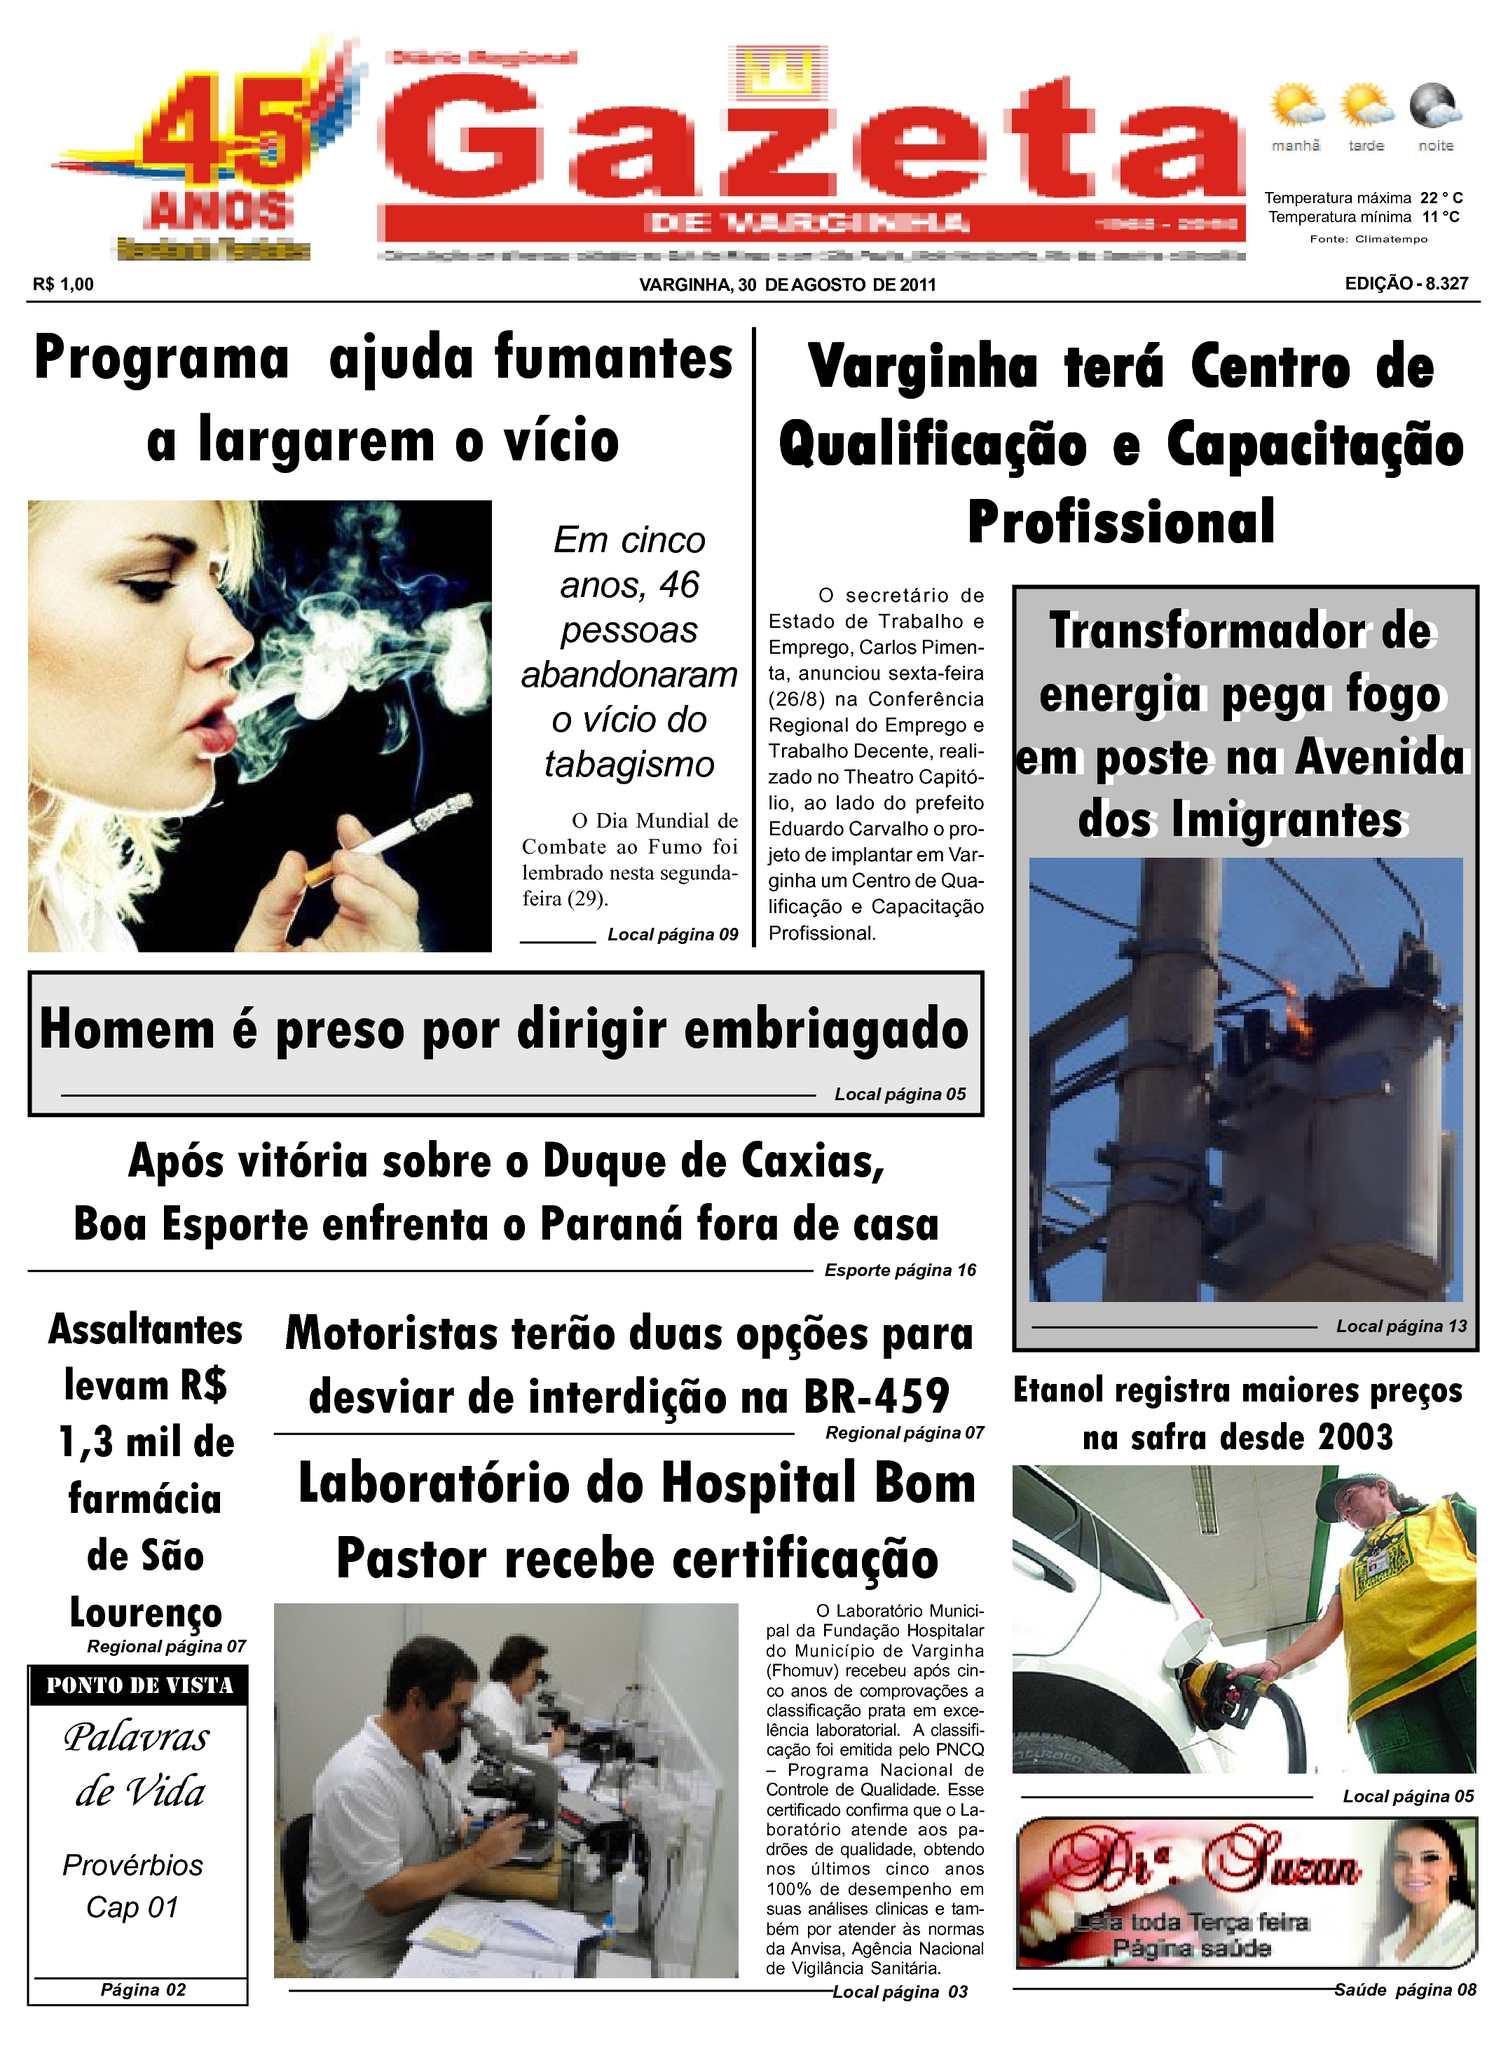 28d8f58eb5 Calaméo - Jornal Gazeta de varginha 30 08 2011